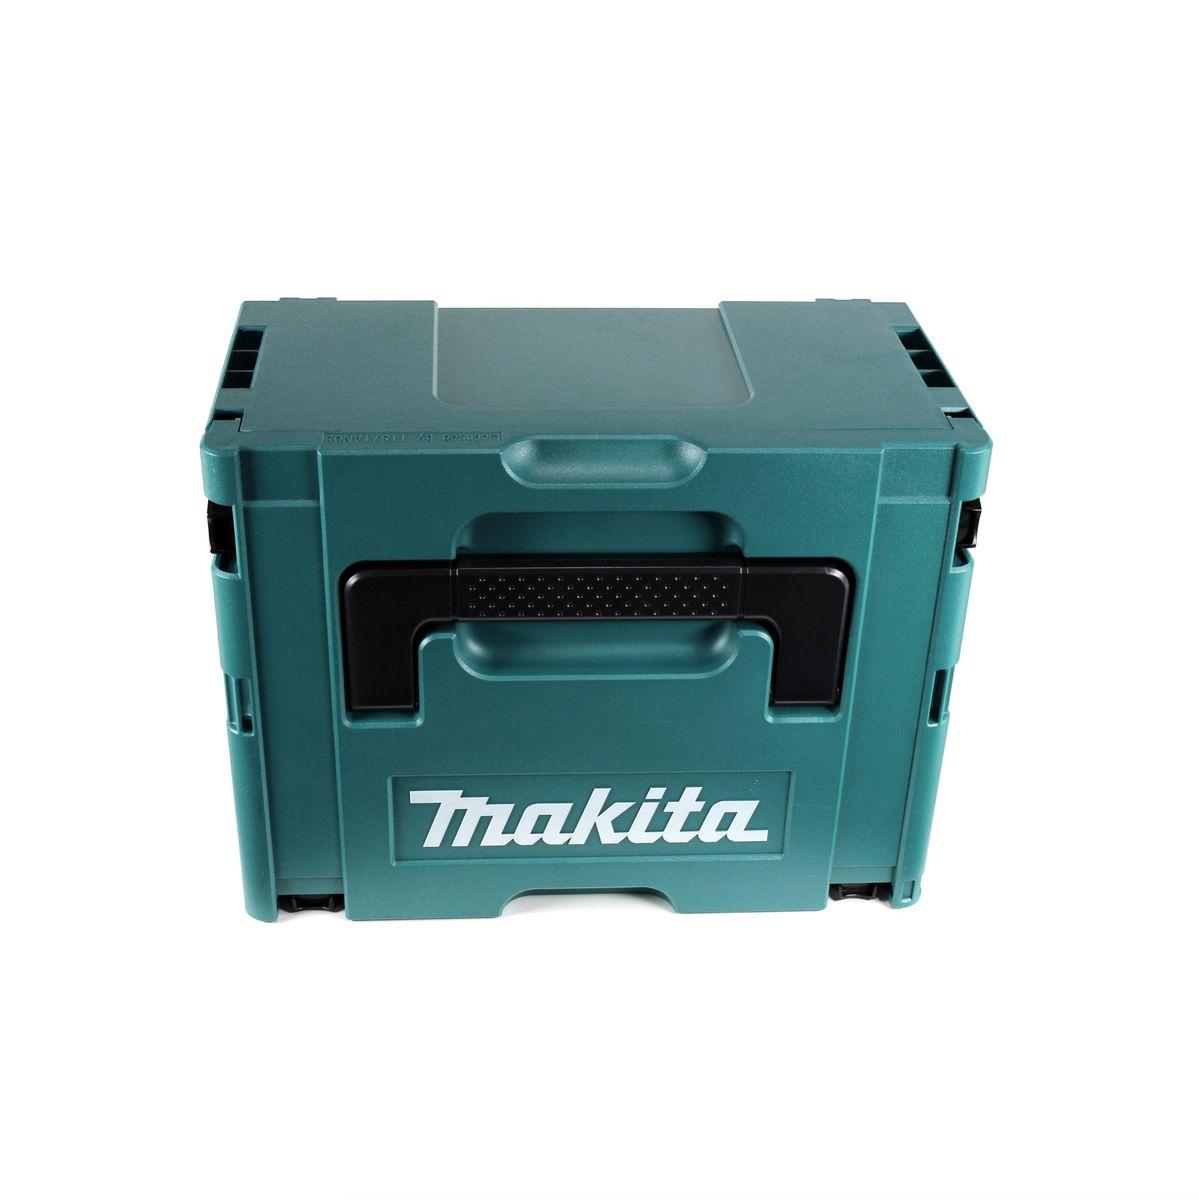 Makita DHS680Y1J Akku-Handkreissäge 18V Brushless 165mm + 1x Akku 1,5Ah + Koffer - ohne Ladegerät_ab__is.image_number.default